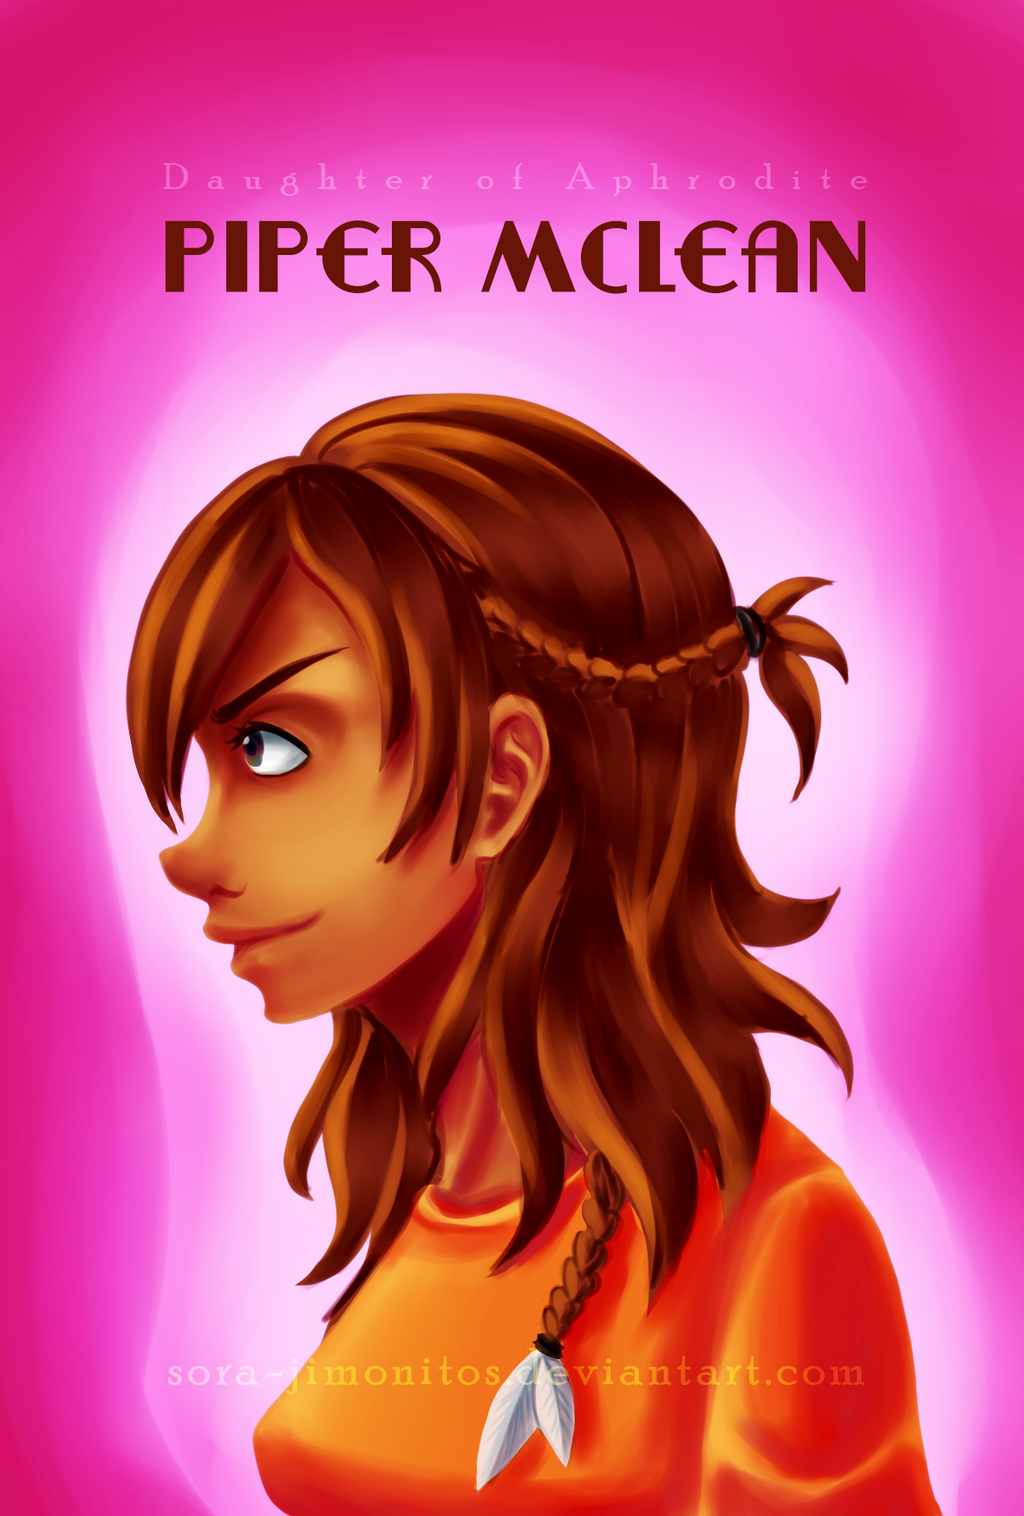 heroes of olympus piper mclean by sorajimonitos on